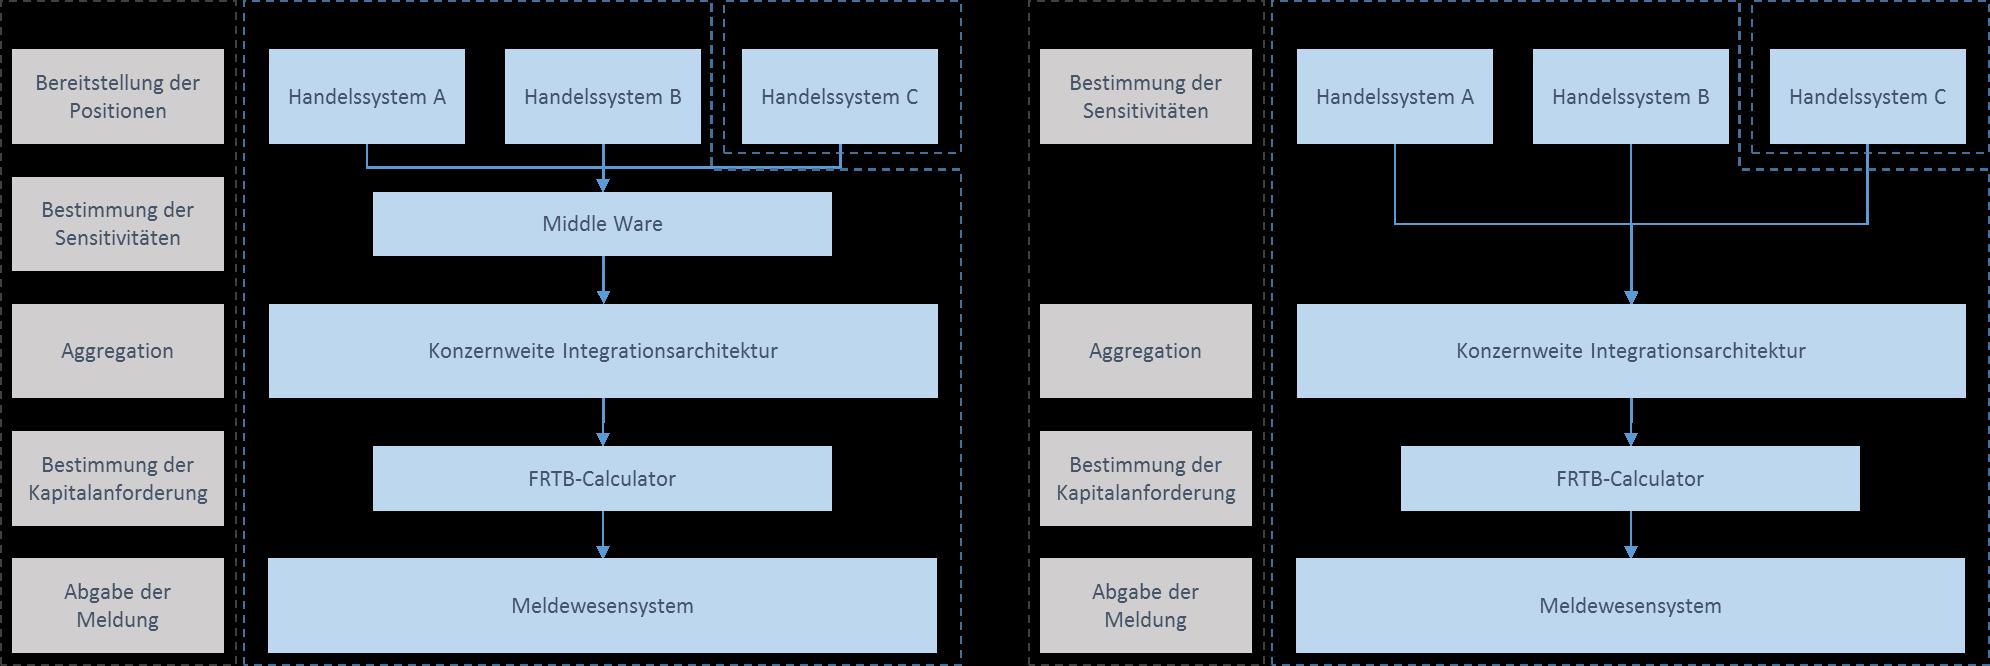 Abbildung      SEQ Abbildung \* ARABIC    2      : Auswirkungen auf die Systemarchitektur zur Meldung der Kapitalanforderungen nach FRTB bei Bestimmung der aufsichtsrechtlichen Sensitivitäten in den jeweiligen Handelssystemen (rechts) oder einer dedizierten Middle Ware (links)